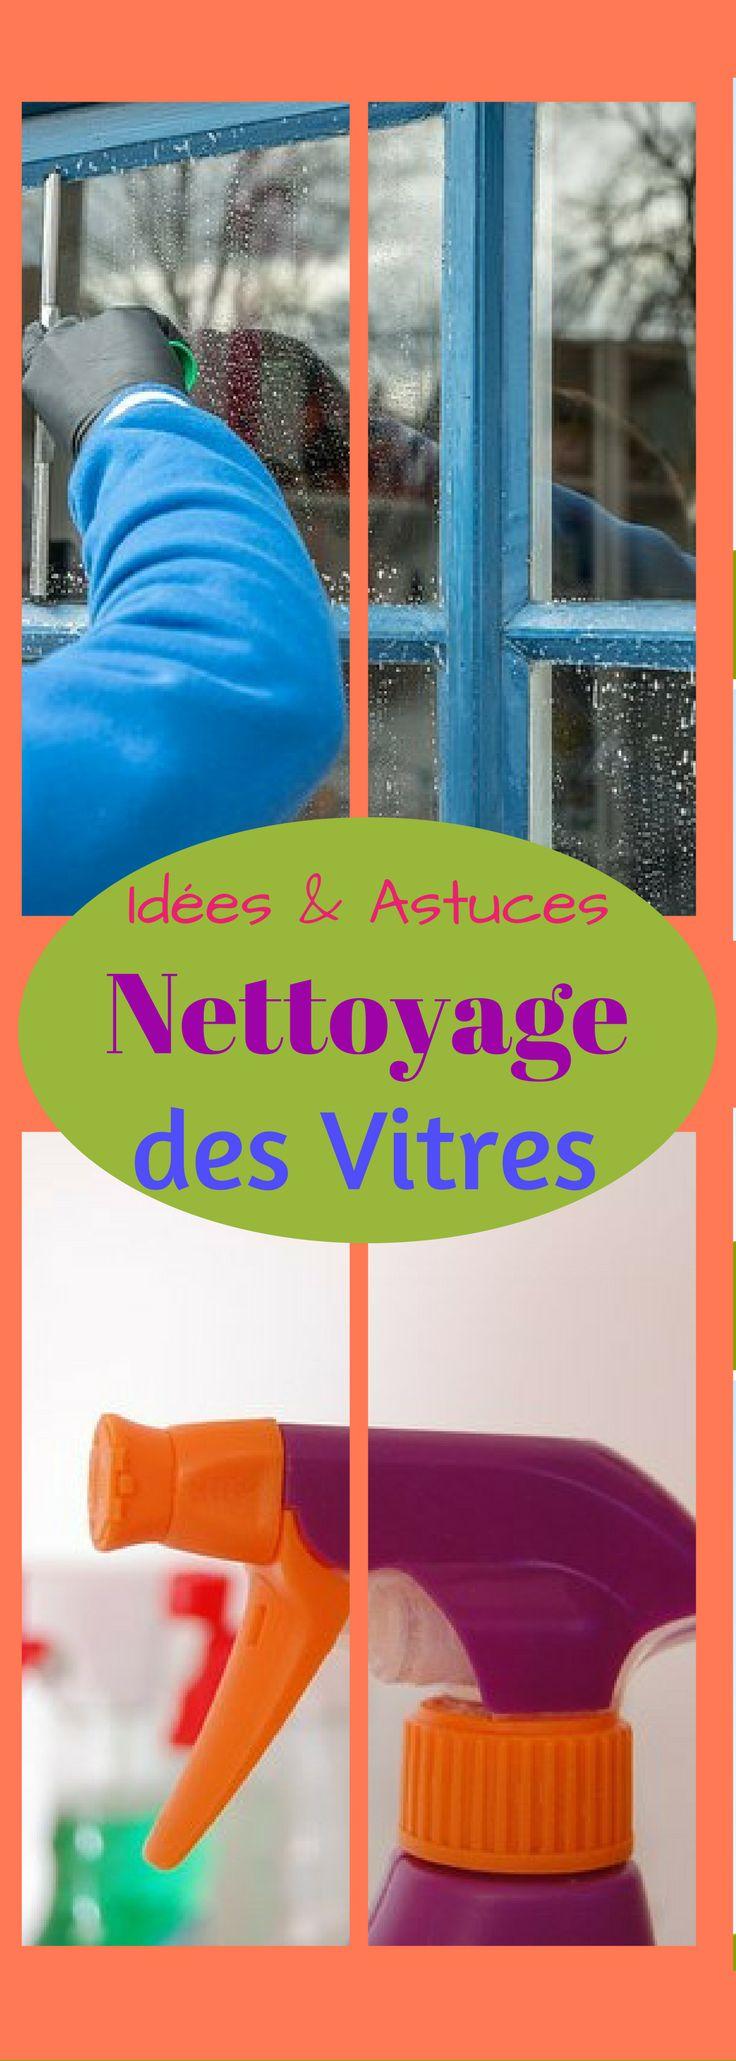 Trucs, Idées et astuces pour nettoyer les vitres #vitrine #astuces #maison